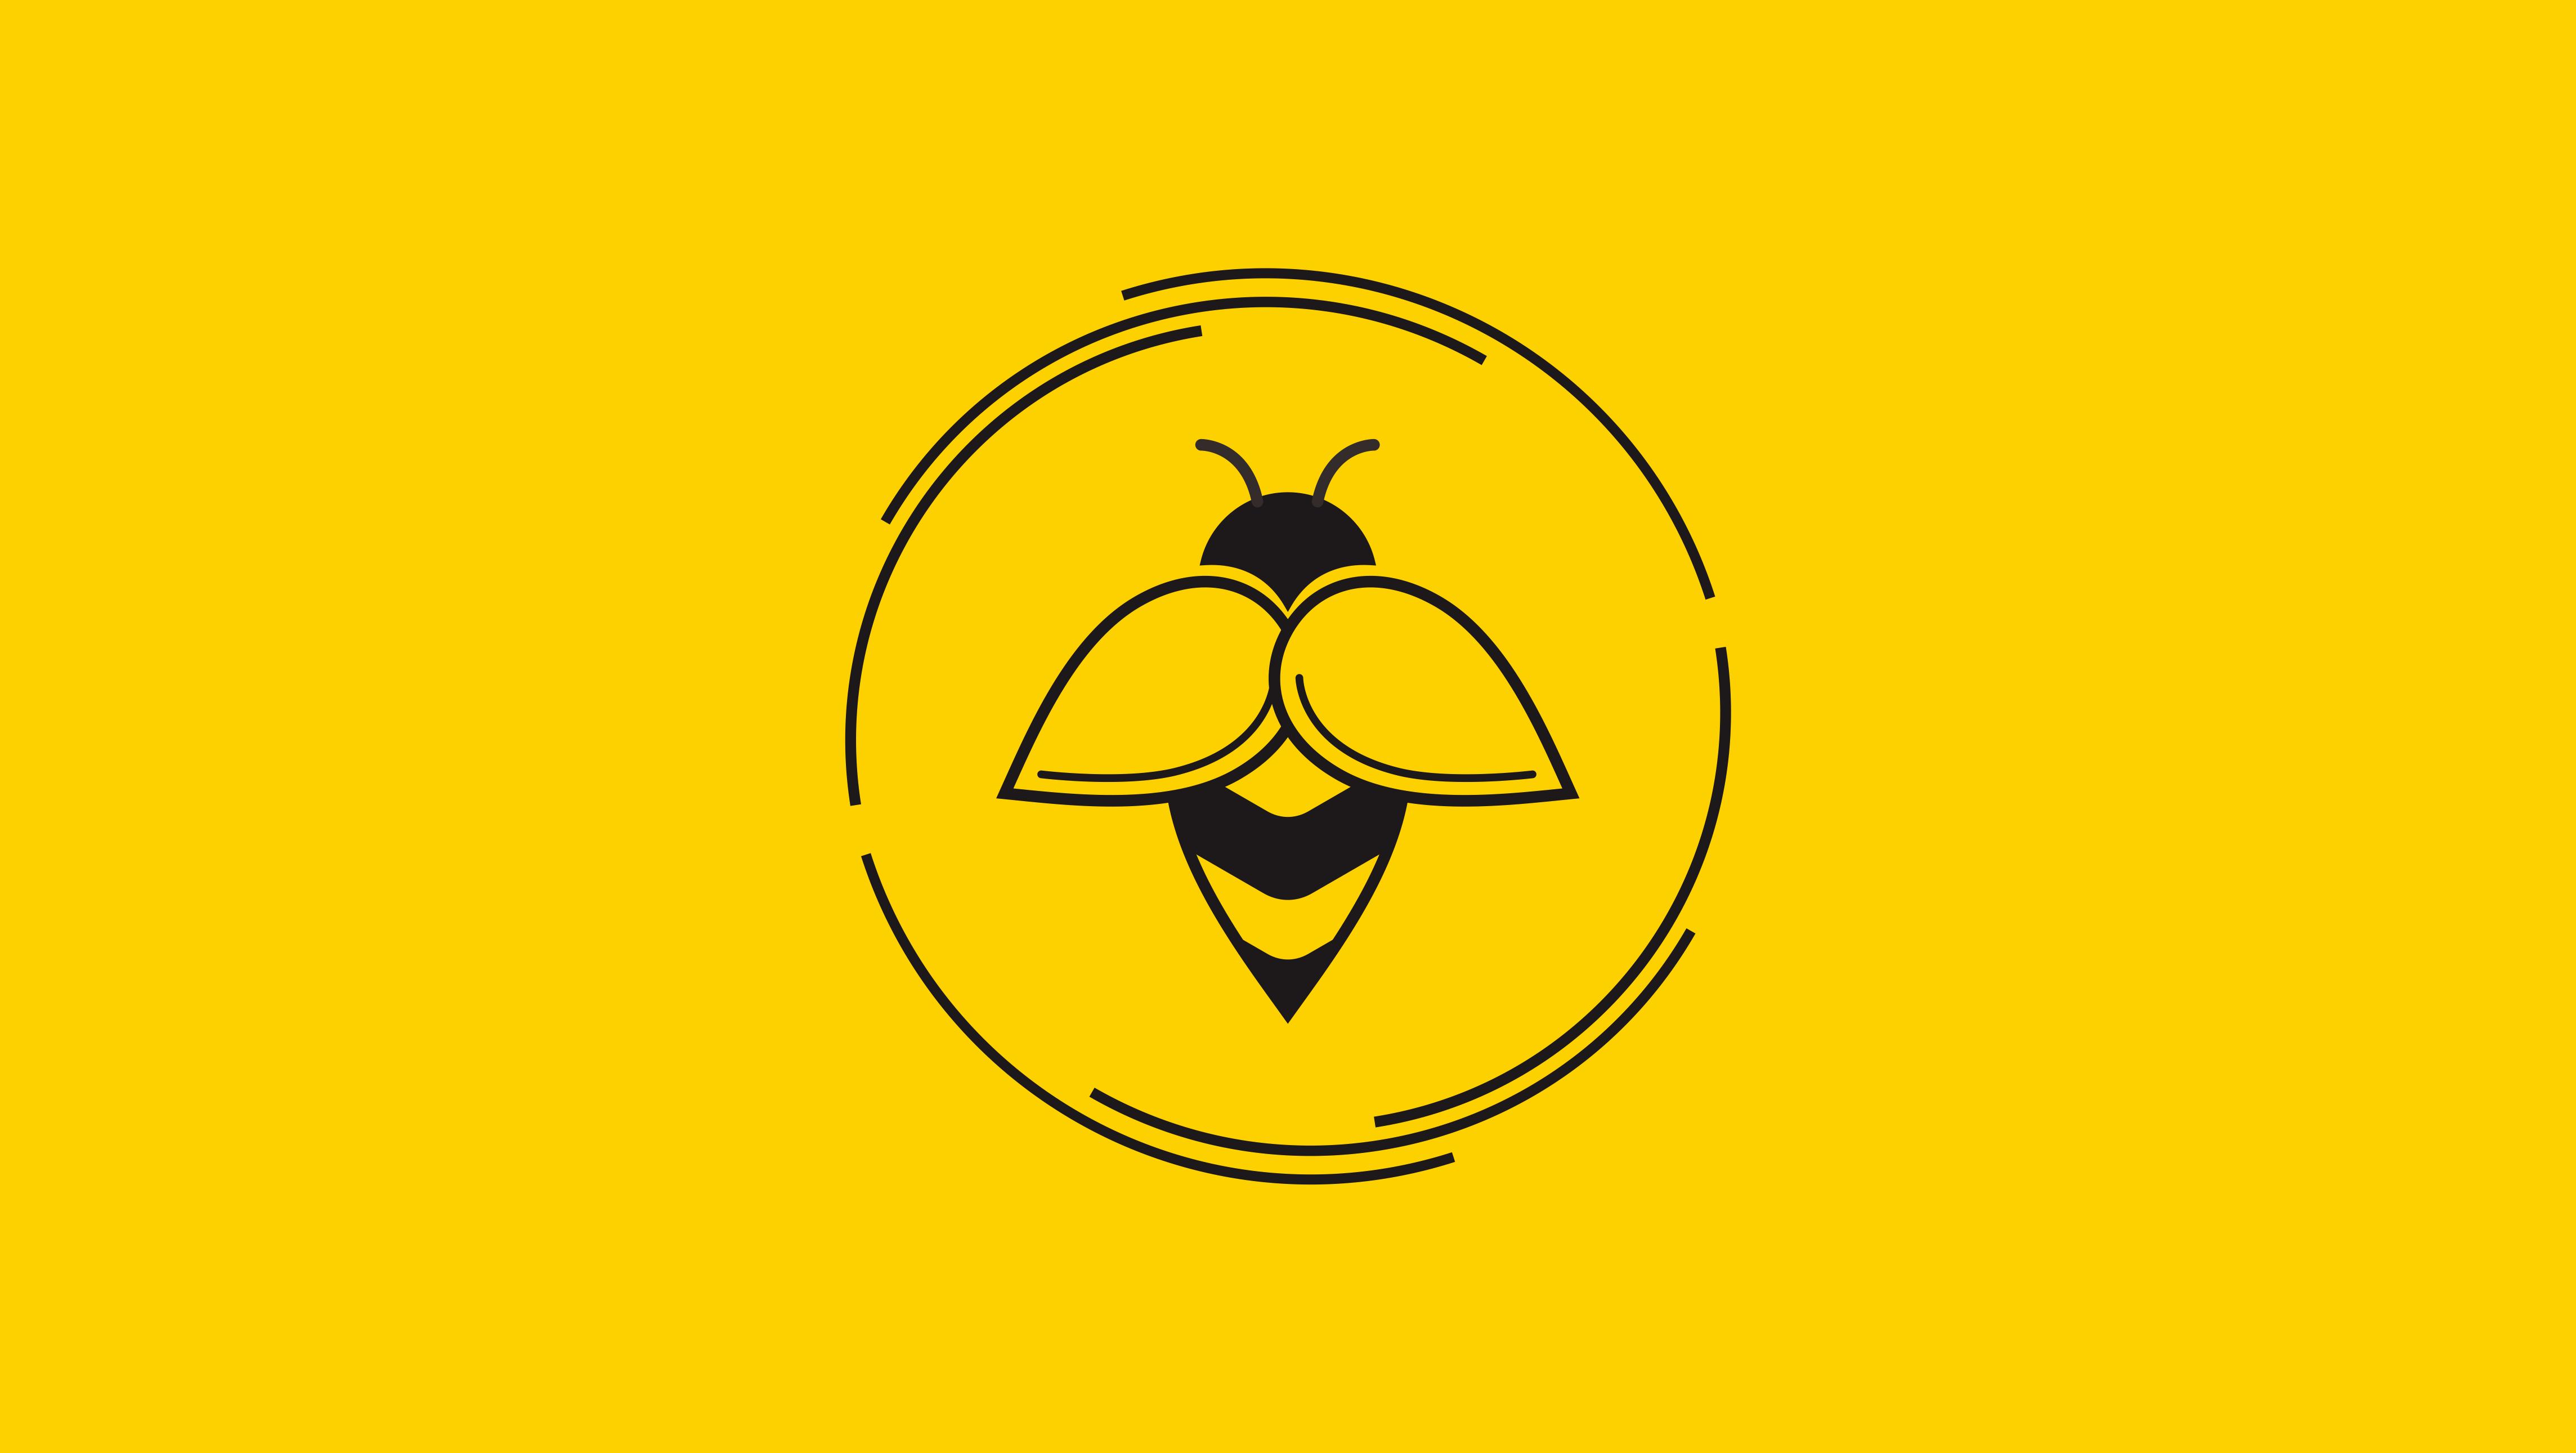 企业公司品牌平面设计LOGO设计注册图文图形标志商标logo